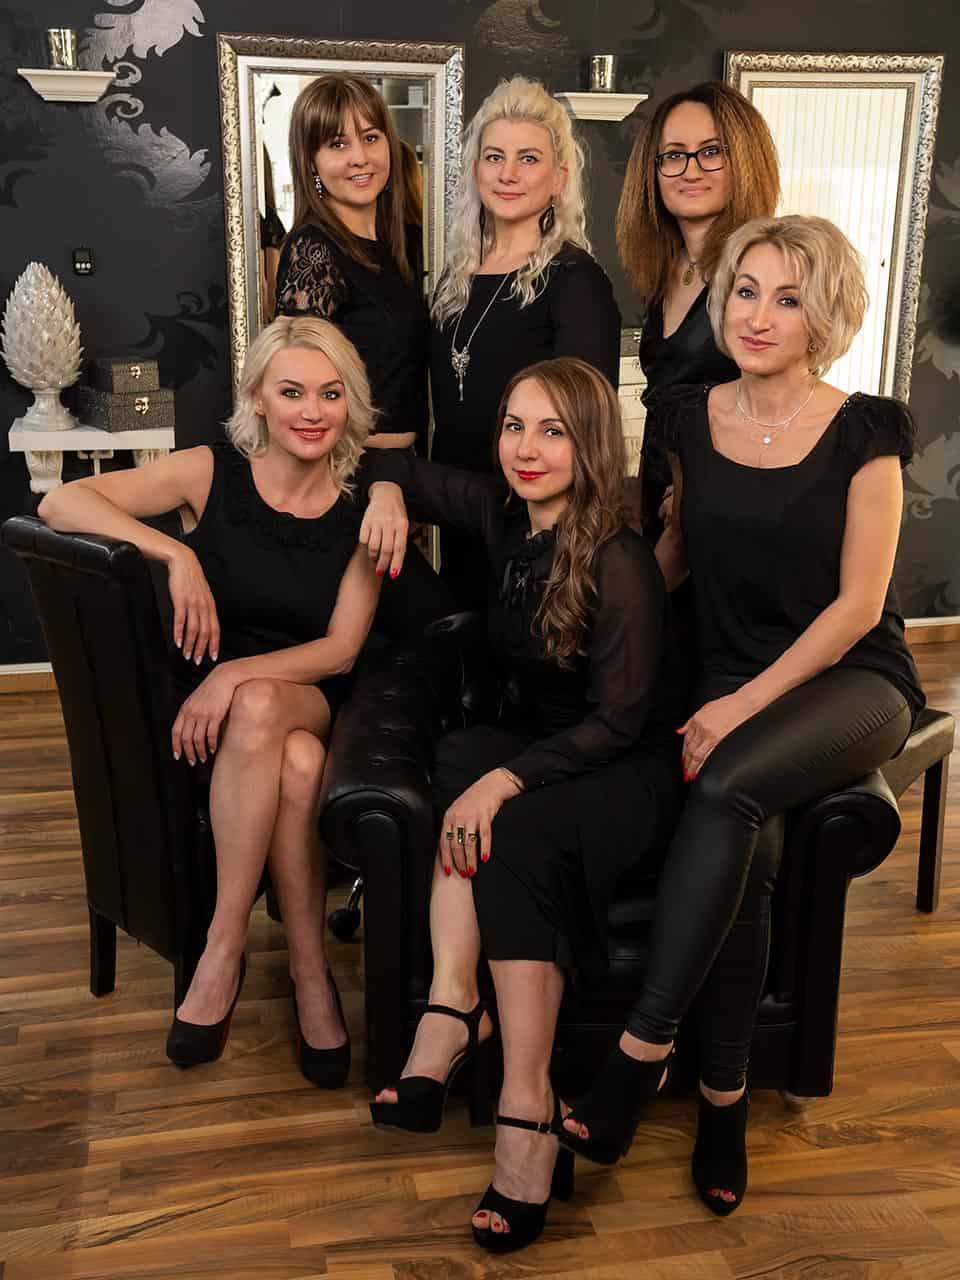 Haarstudio Barock Team - Gruppenfoto